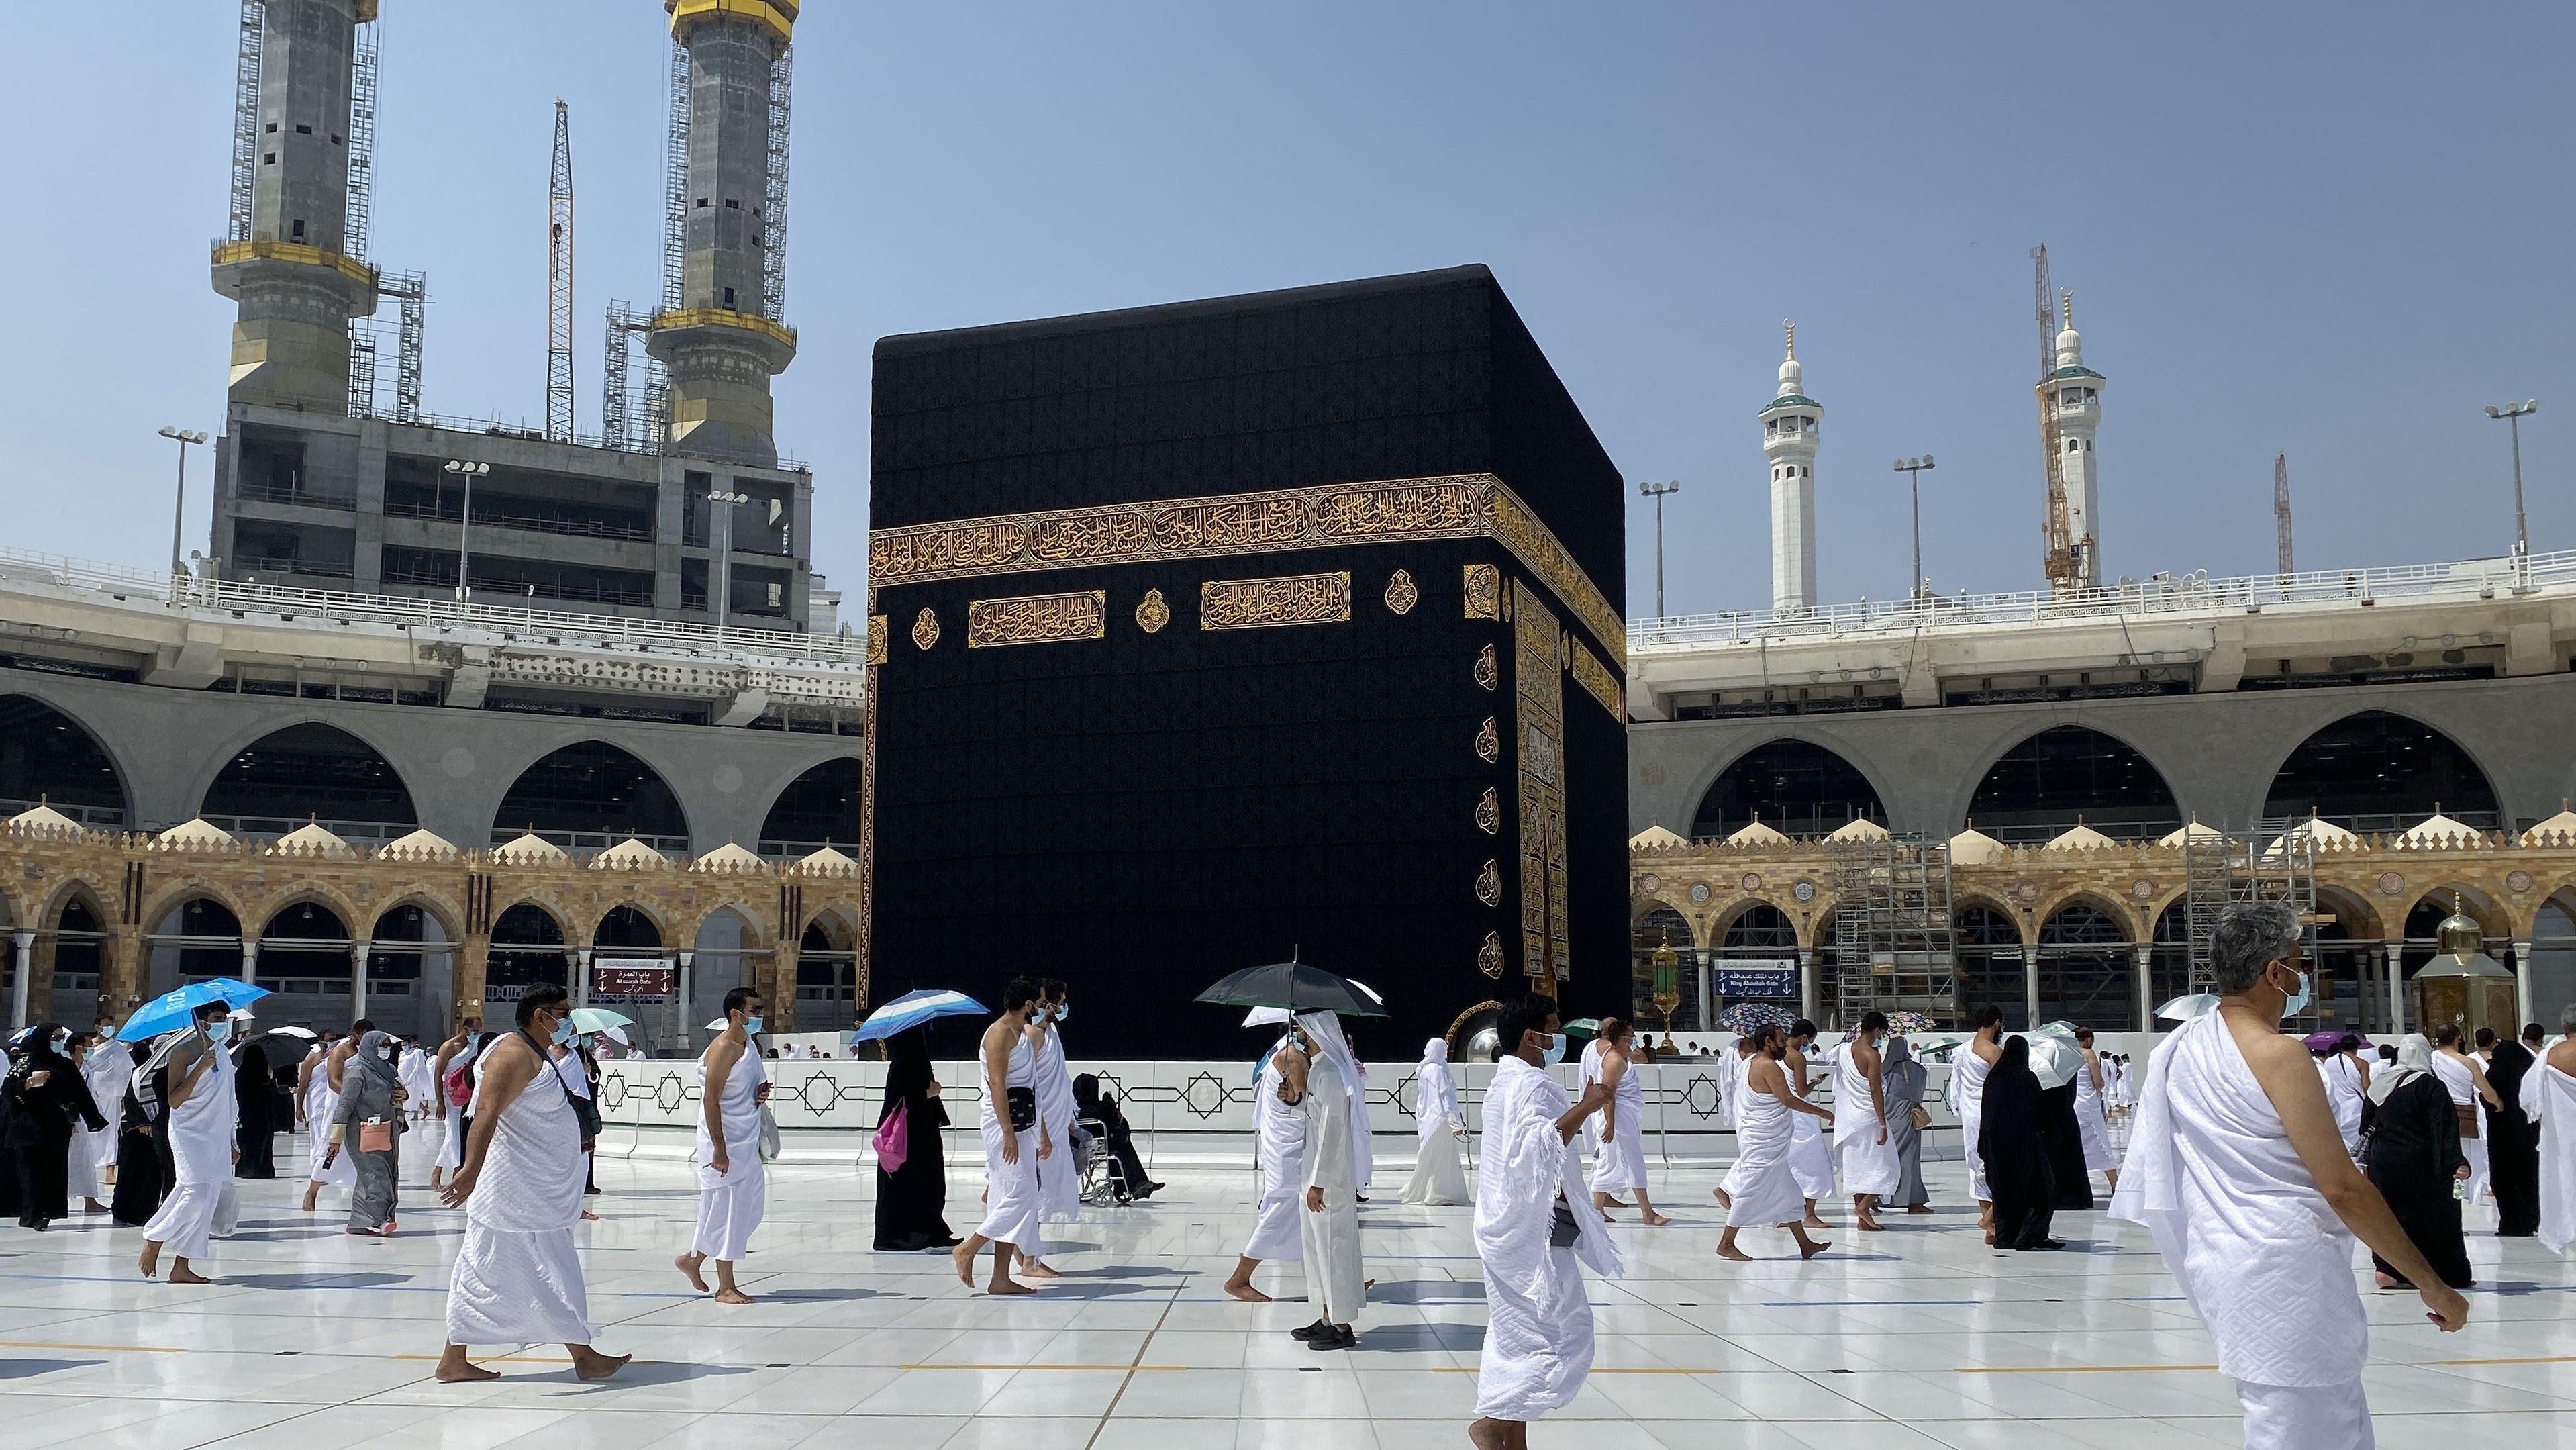 السعودية نيوز |  السعودية: رفع الطاقة الاستيعابية للعمرة إلى مليونين شهريًا